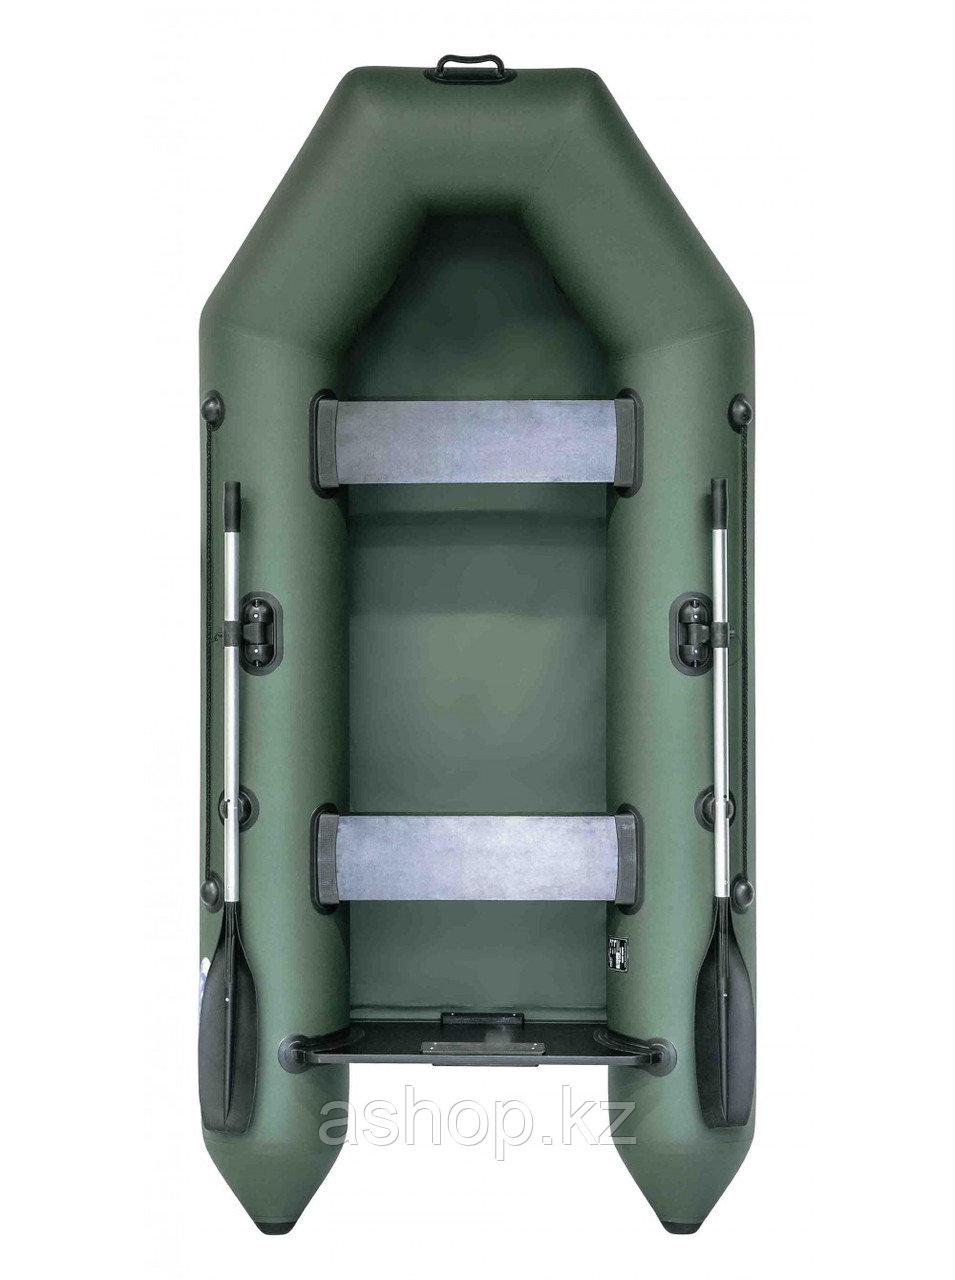 Лодка надувная моторно-гребная плоскодонная Rush 2800, Грузоподъемность: 220кг, Вместимость: 2 чел., Кол-во от